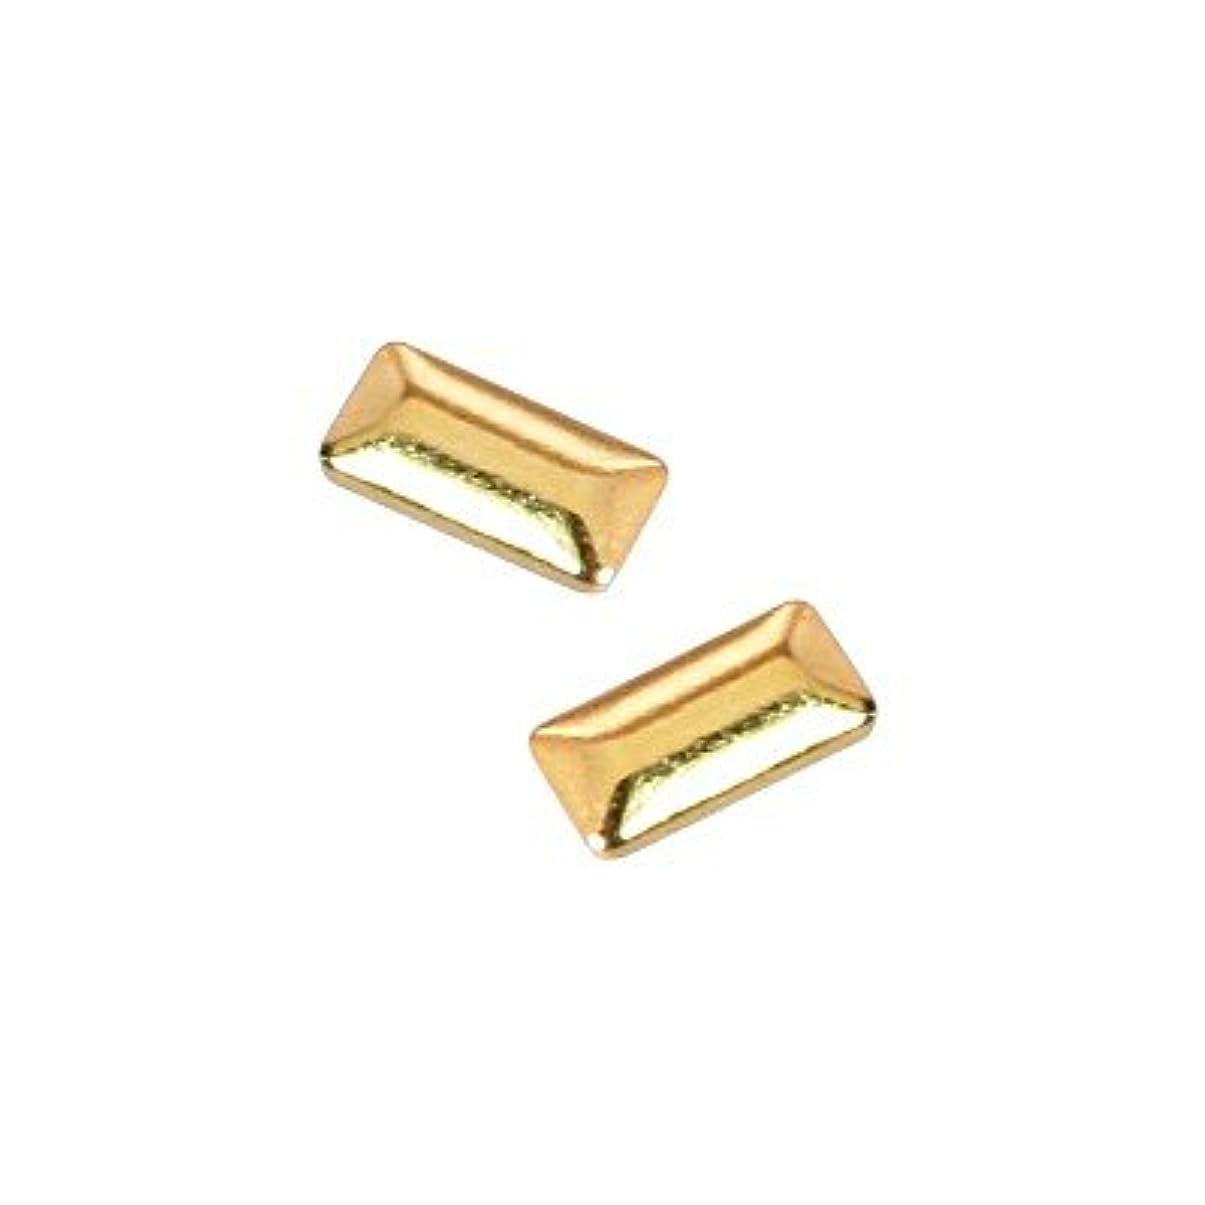 飾る忠実にエスカレートピアドラ スタッズ メタル長方形 1×3mm 50P ゴールド